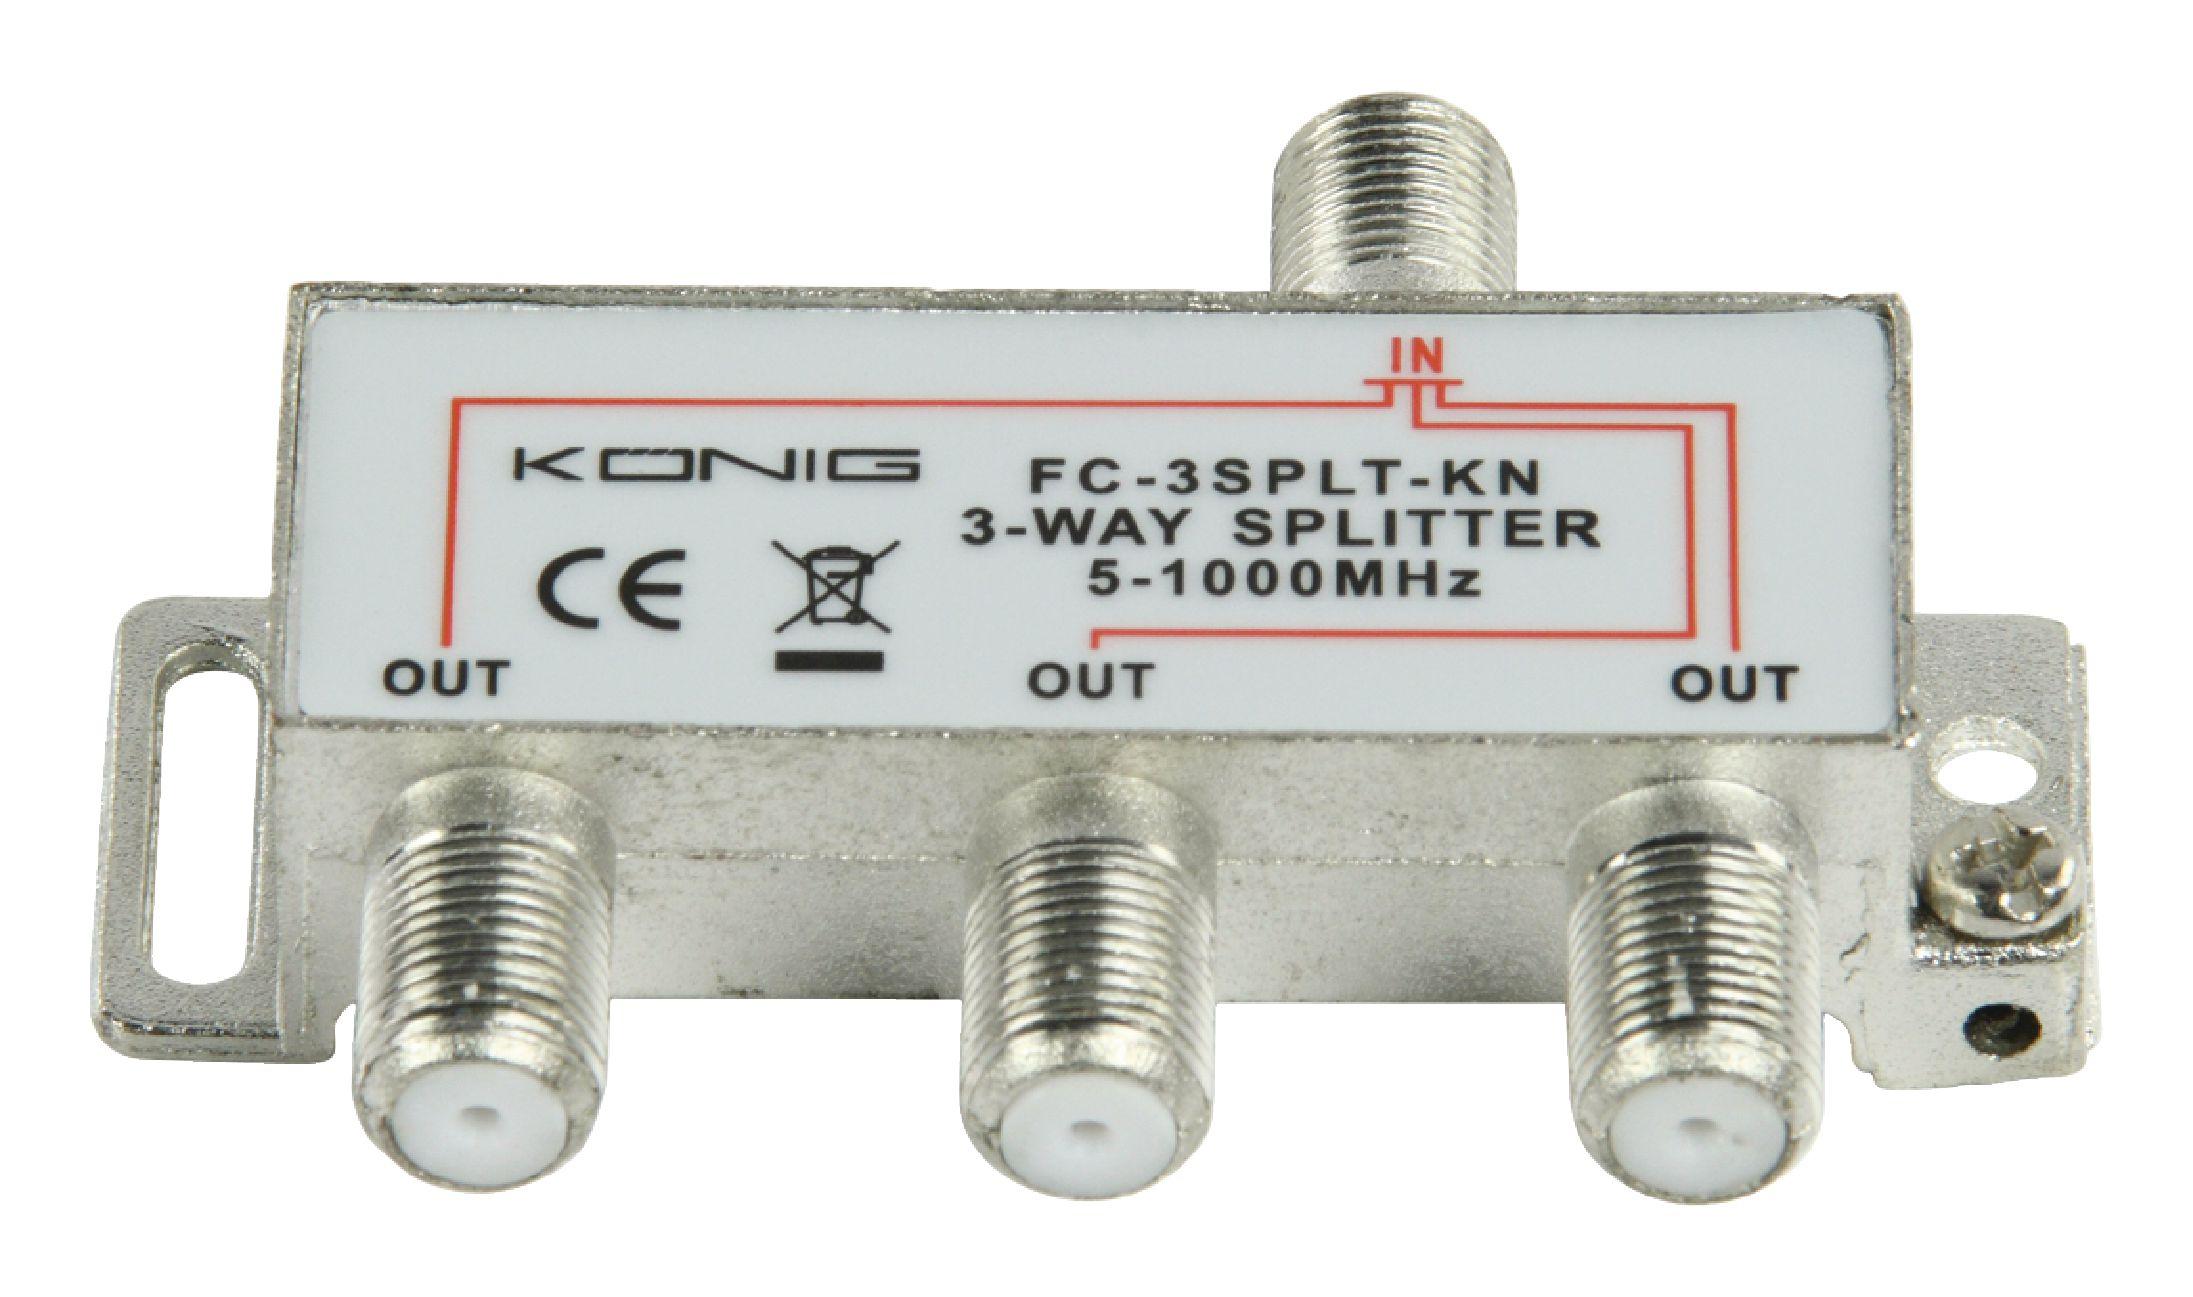 König FC-3SPLT-KN pasivní anténní rozbočovač 5-1000 MHz 6.8 dB - 3x výstup